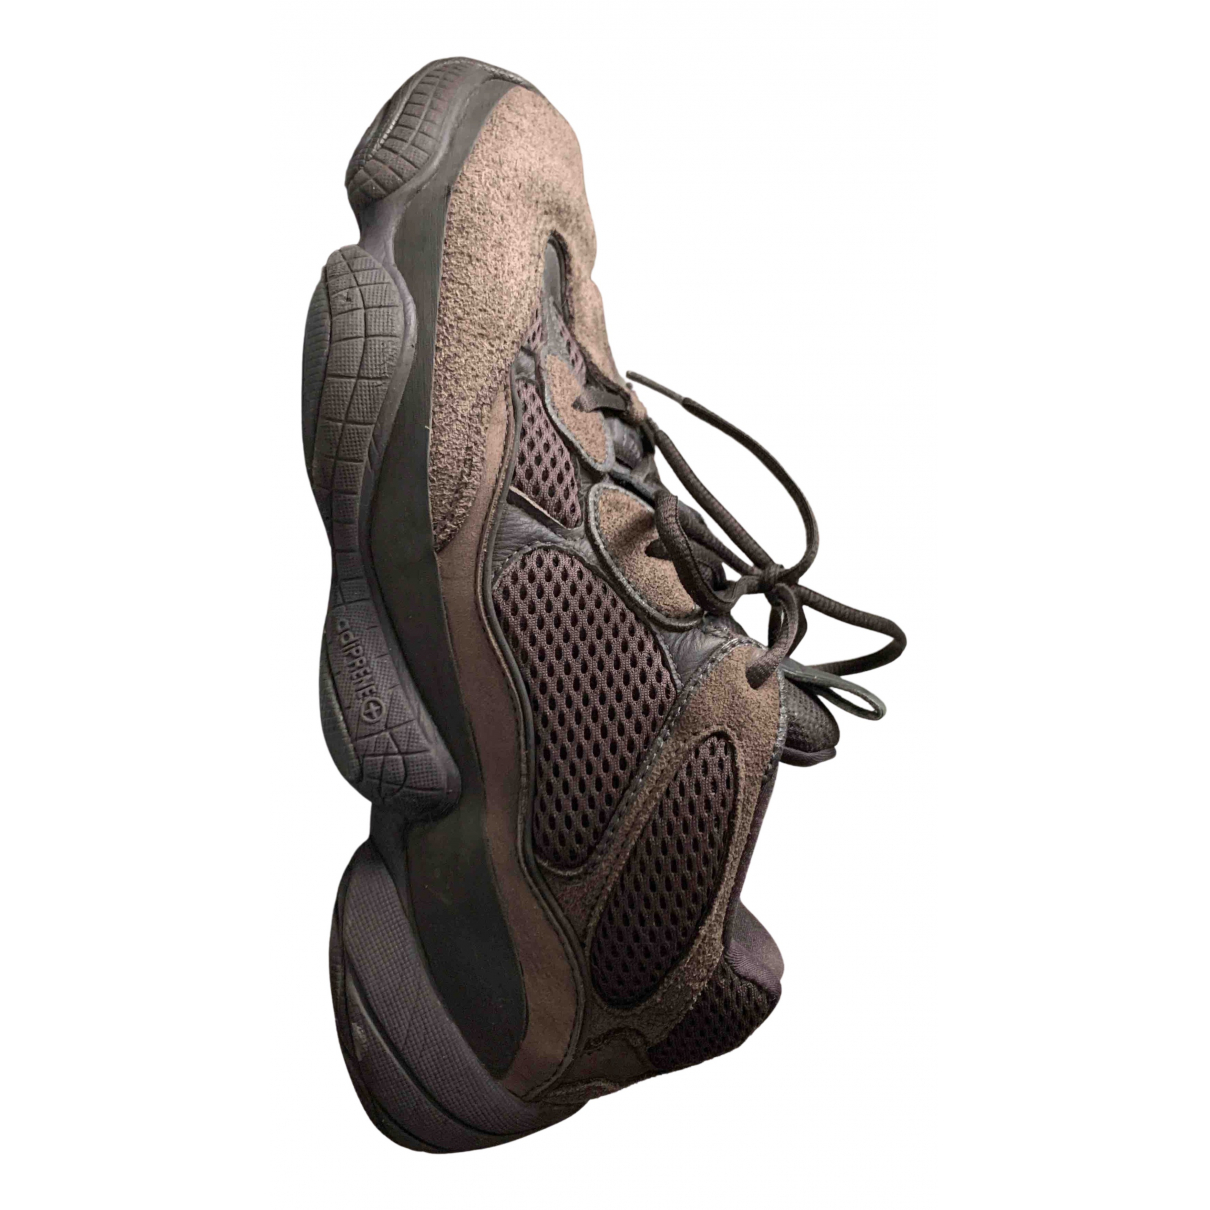 Yeezy X Adidas - Baskets 500 pour homme en caoutchouc - gris